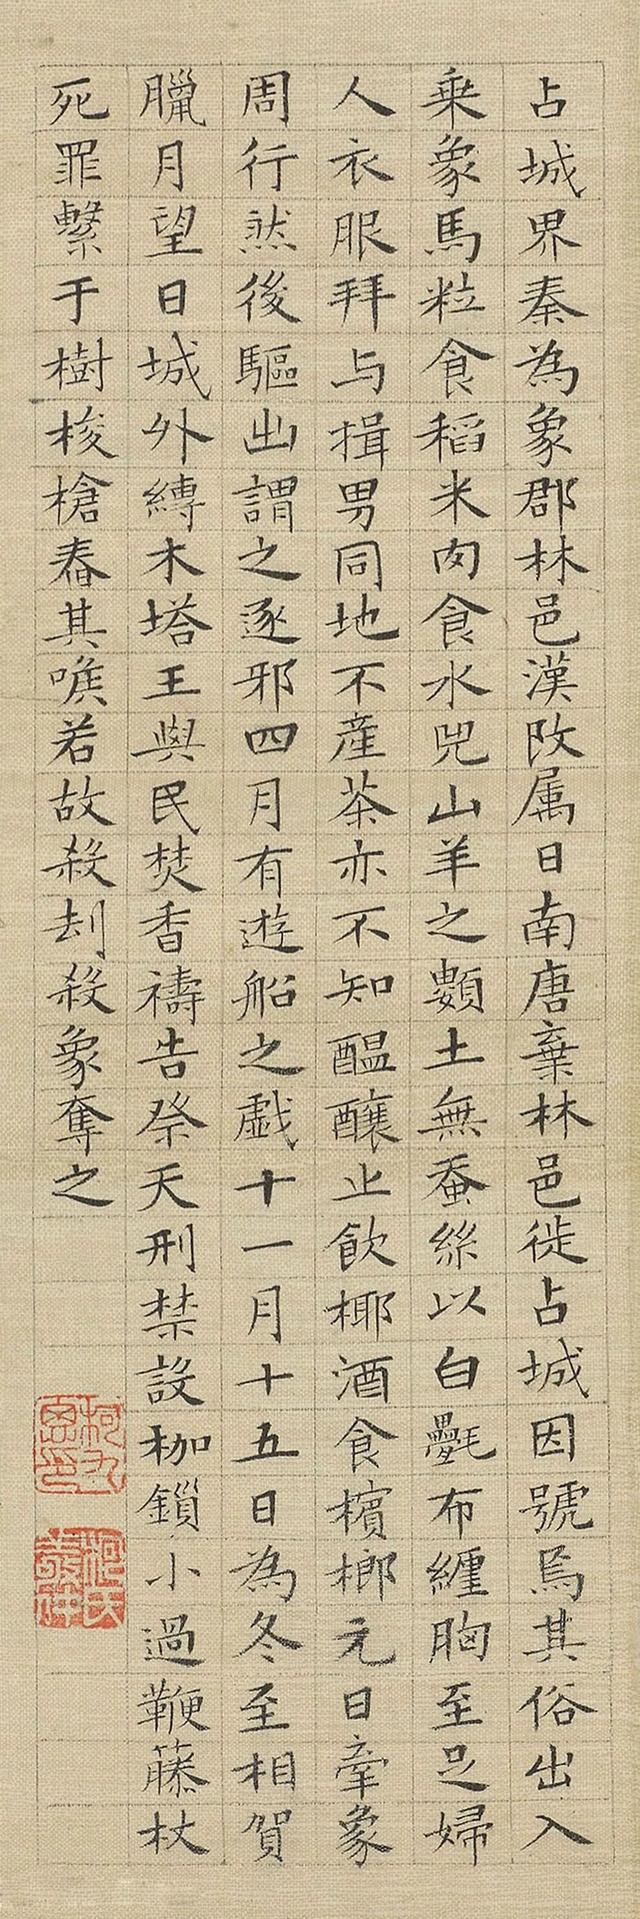 柯九思1364年小楷绢本九幅